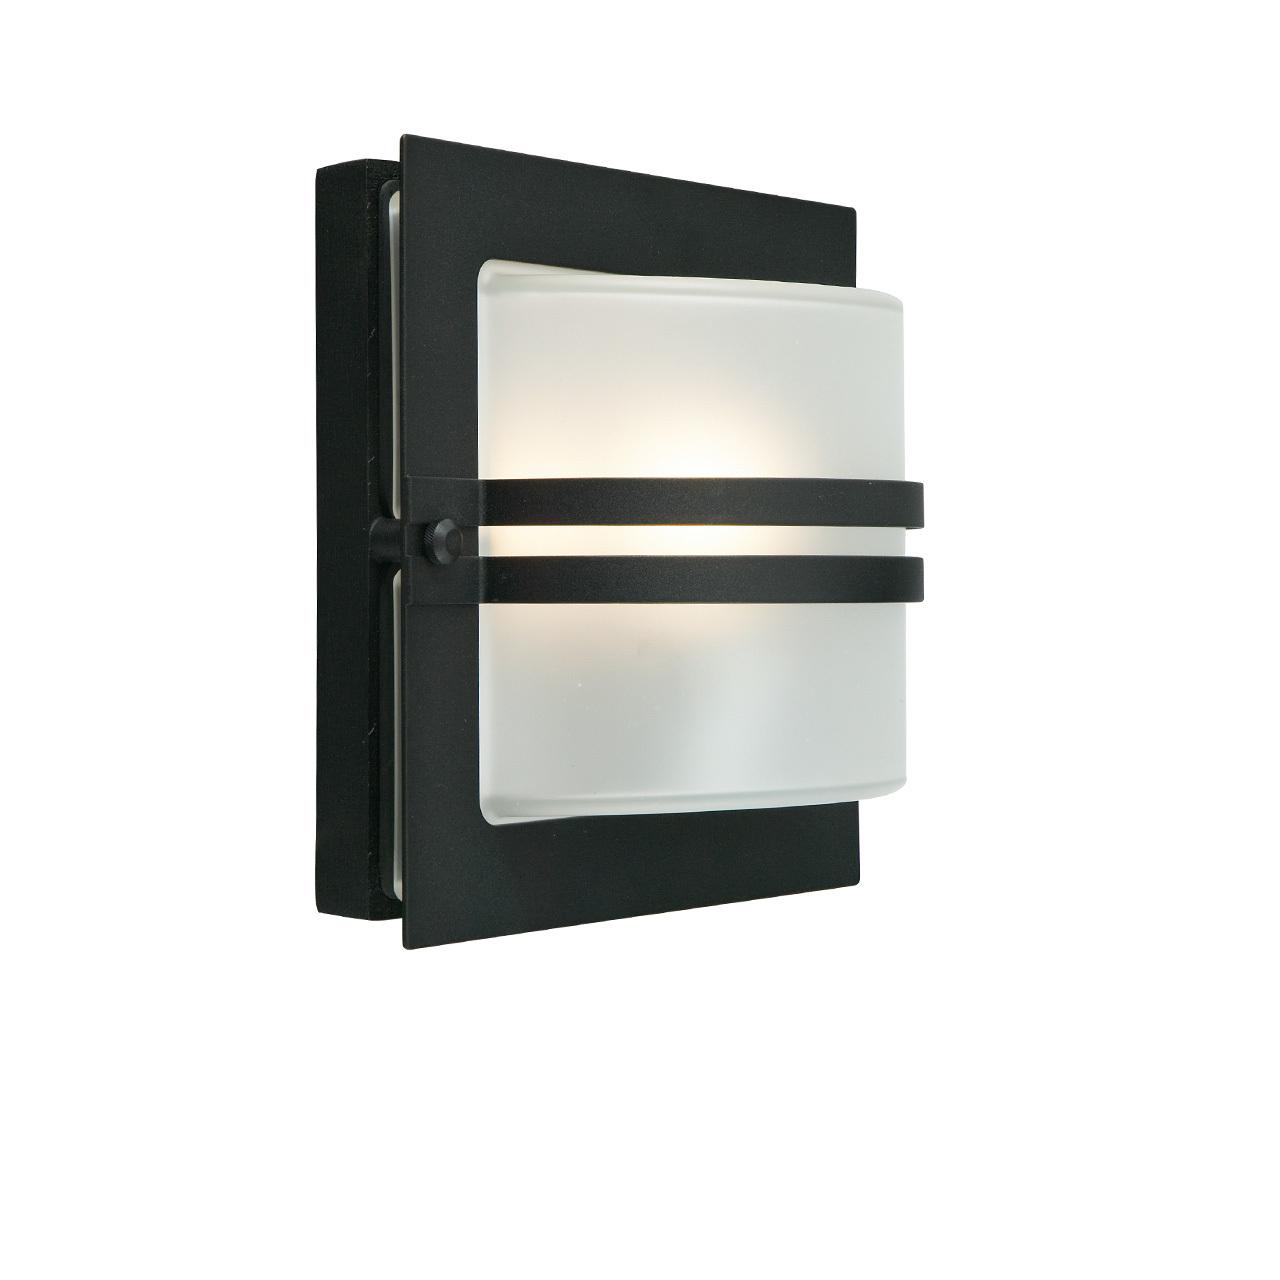 Lampa ścienna BERN LED 655B -Norlys  SPRAWDŹ RABATY  5-10-15-20 % w koszyku